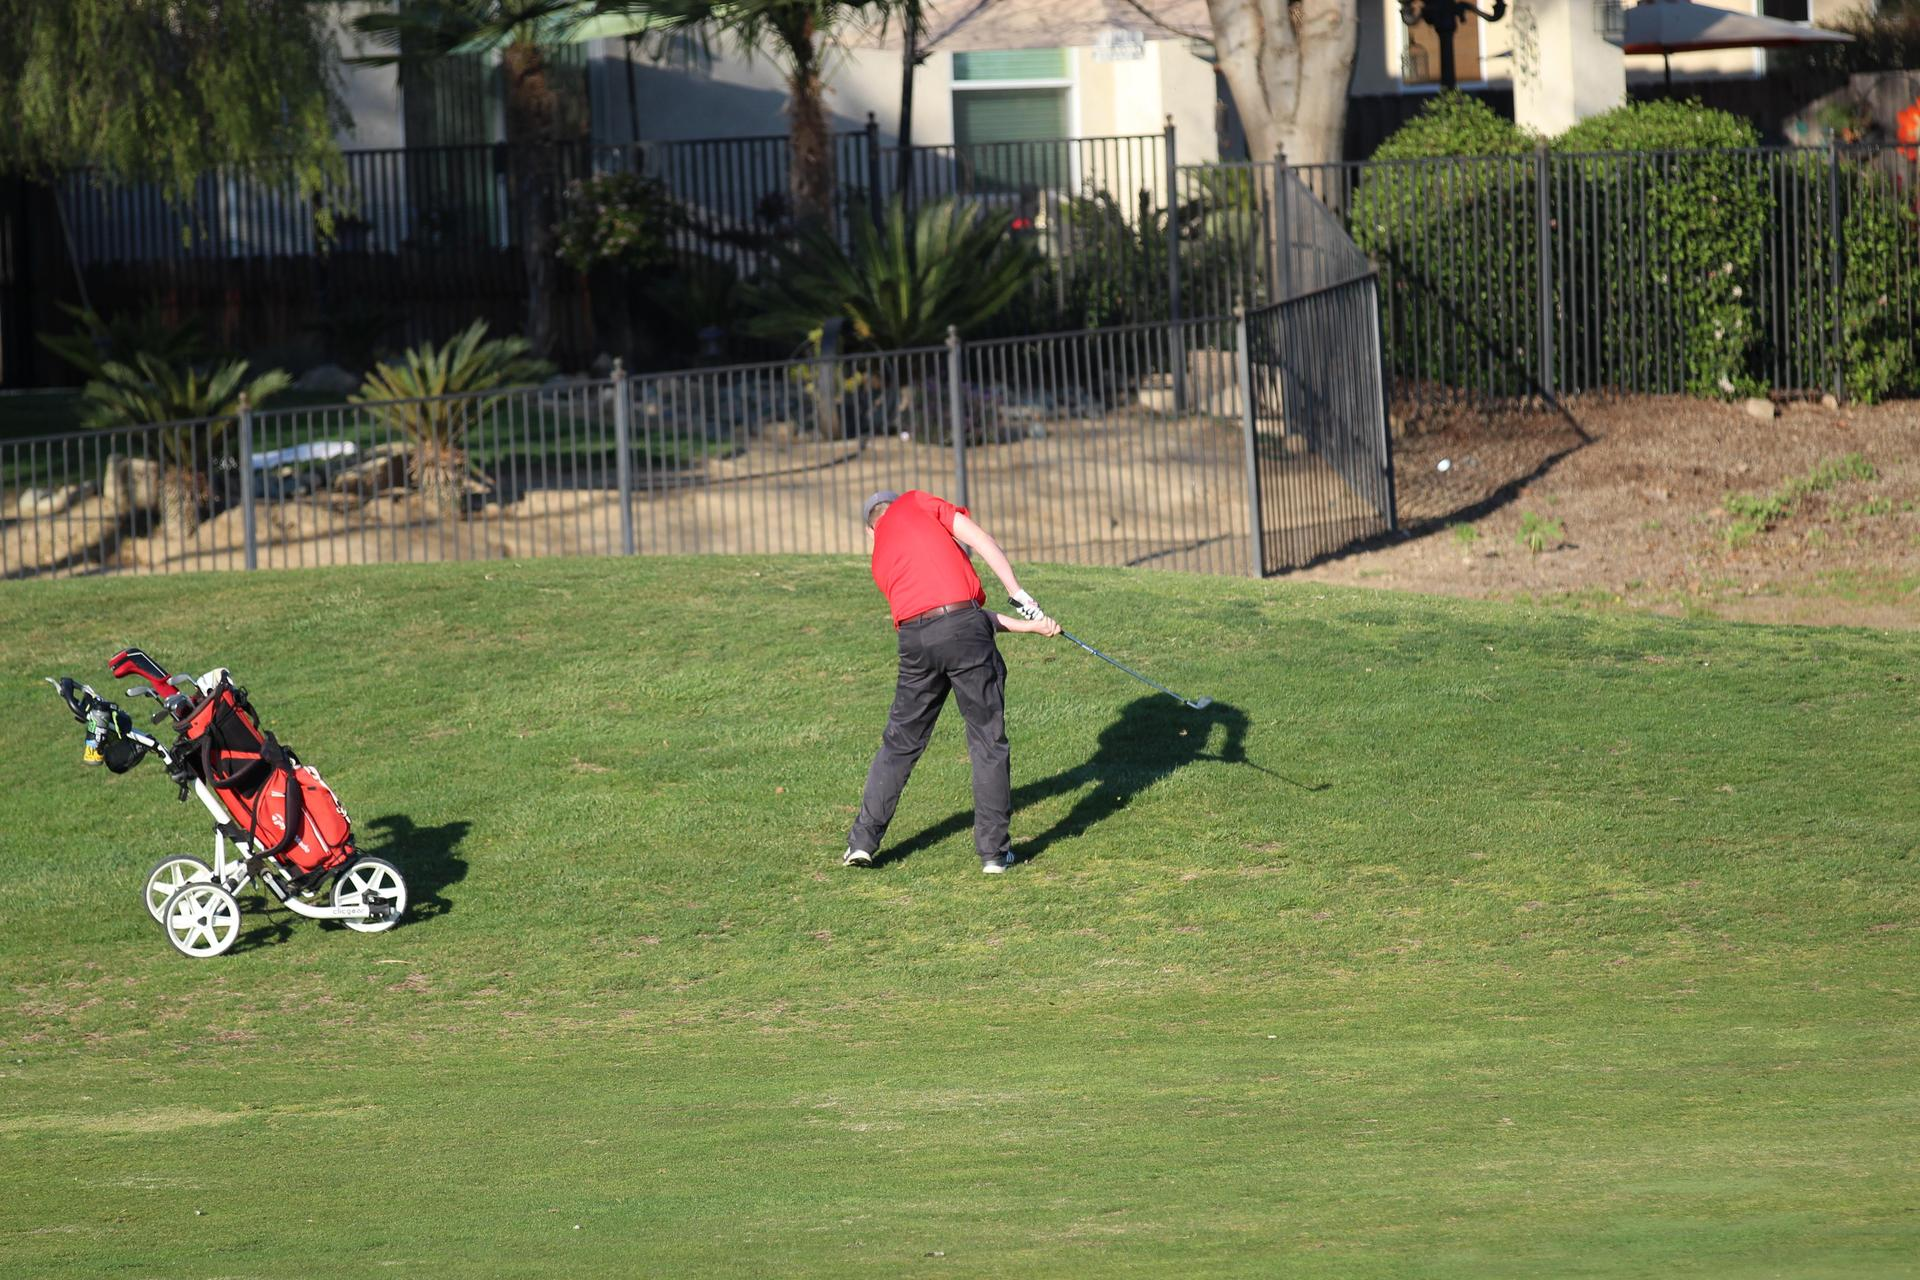 boys playing golf against Los Banos